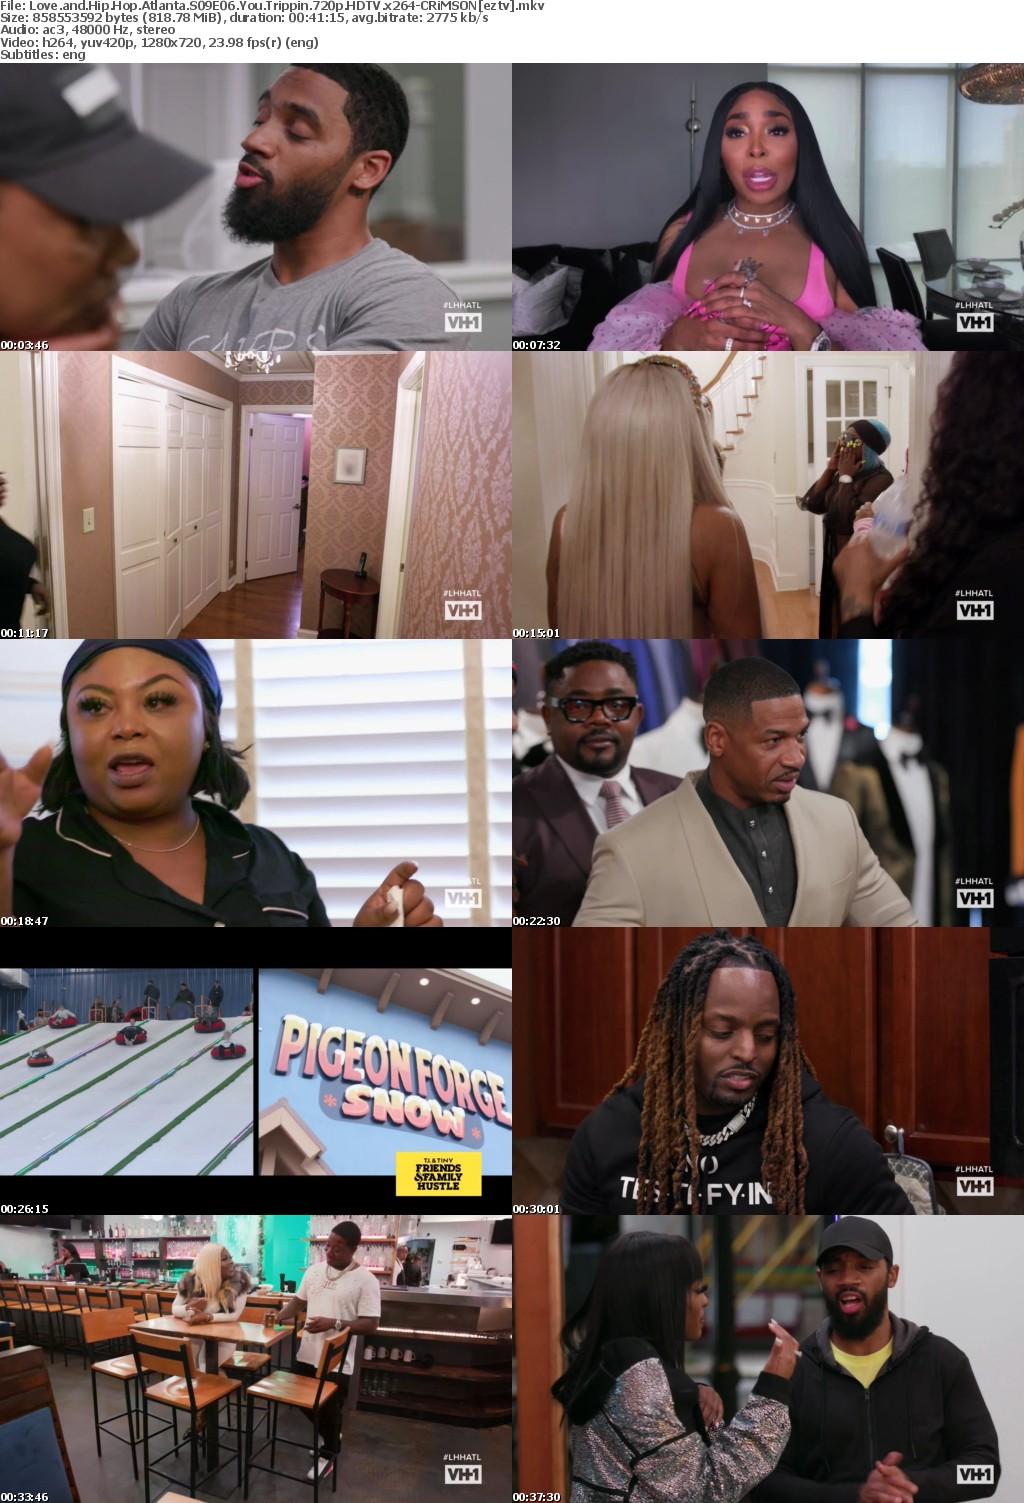 Love and Hip Hop Atlanta S09E06 You Trippin 720p HDTV x264-CRiMSON